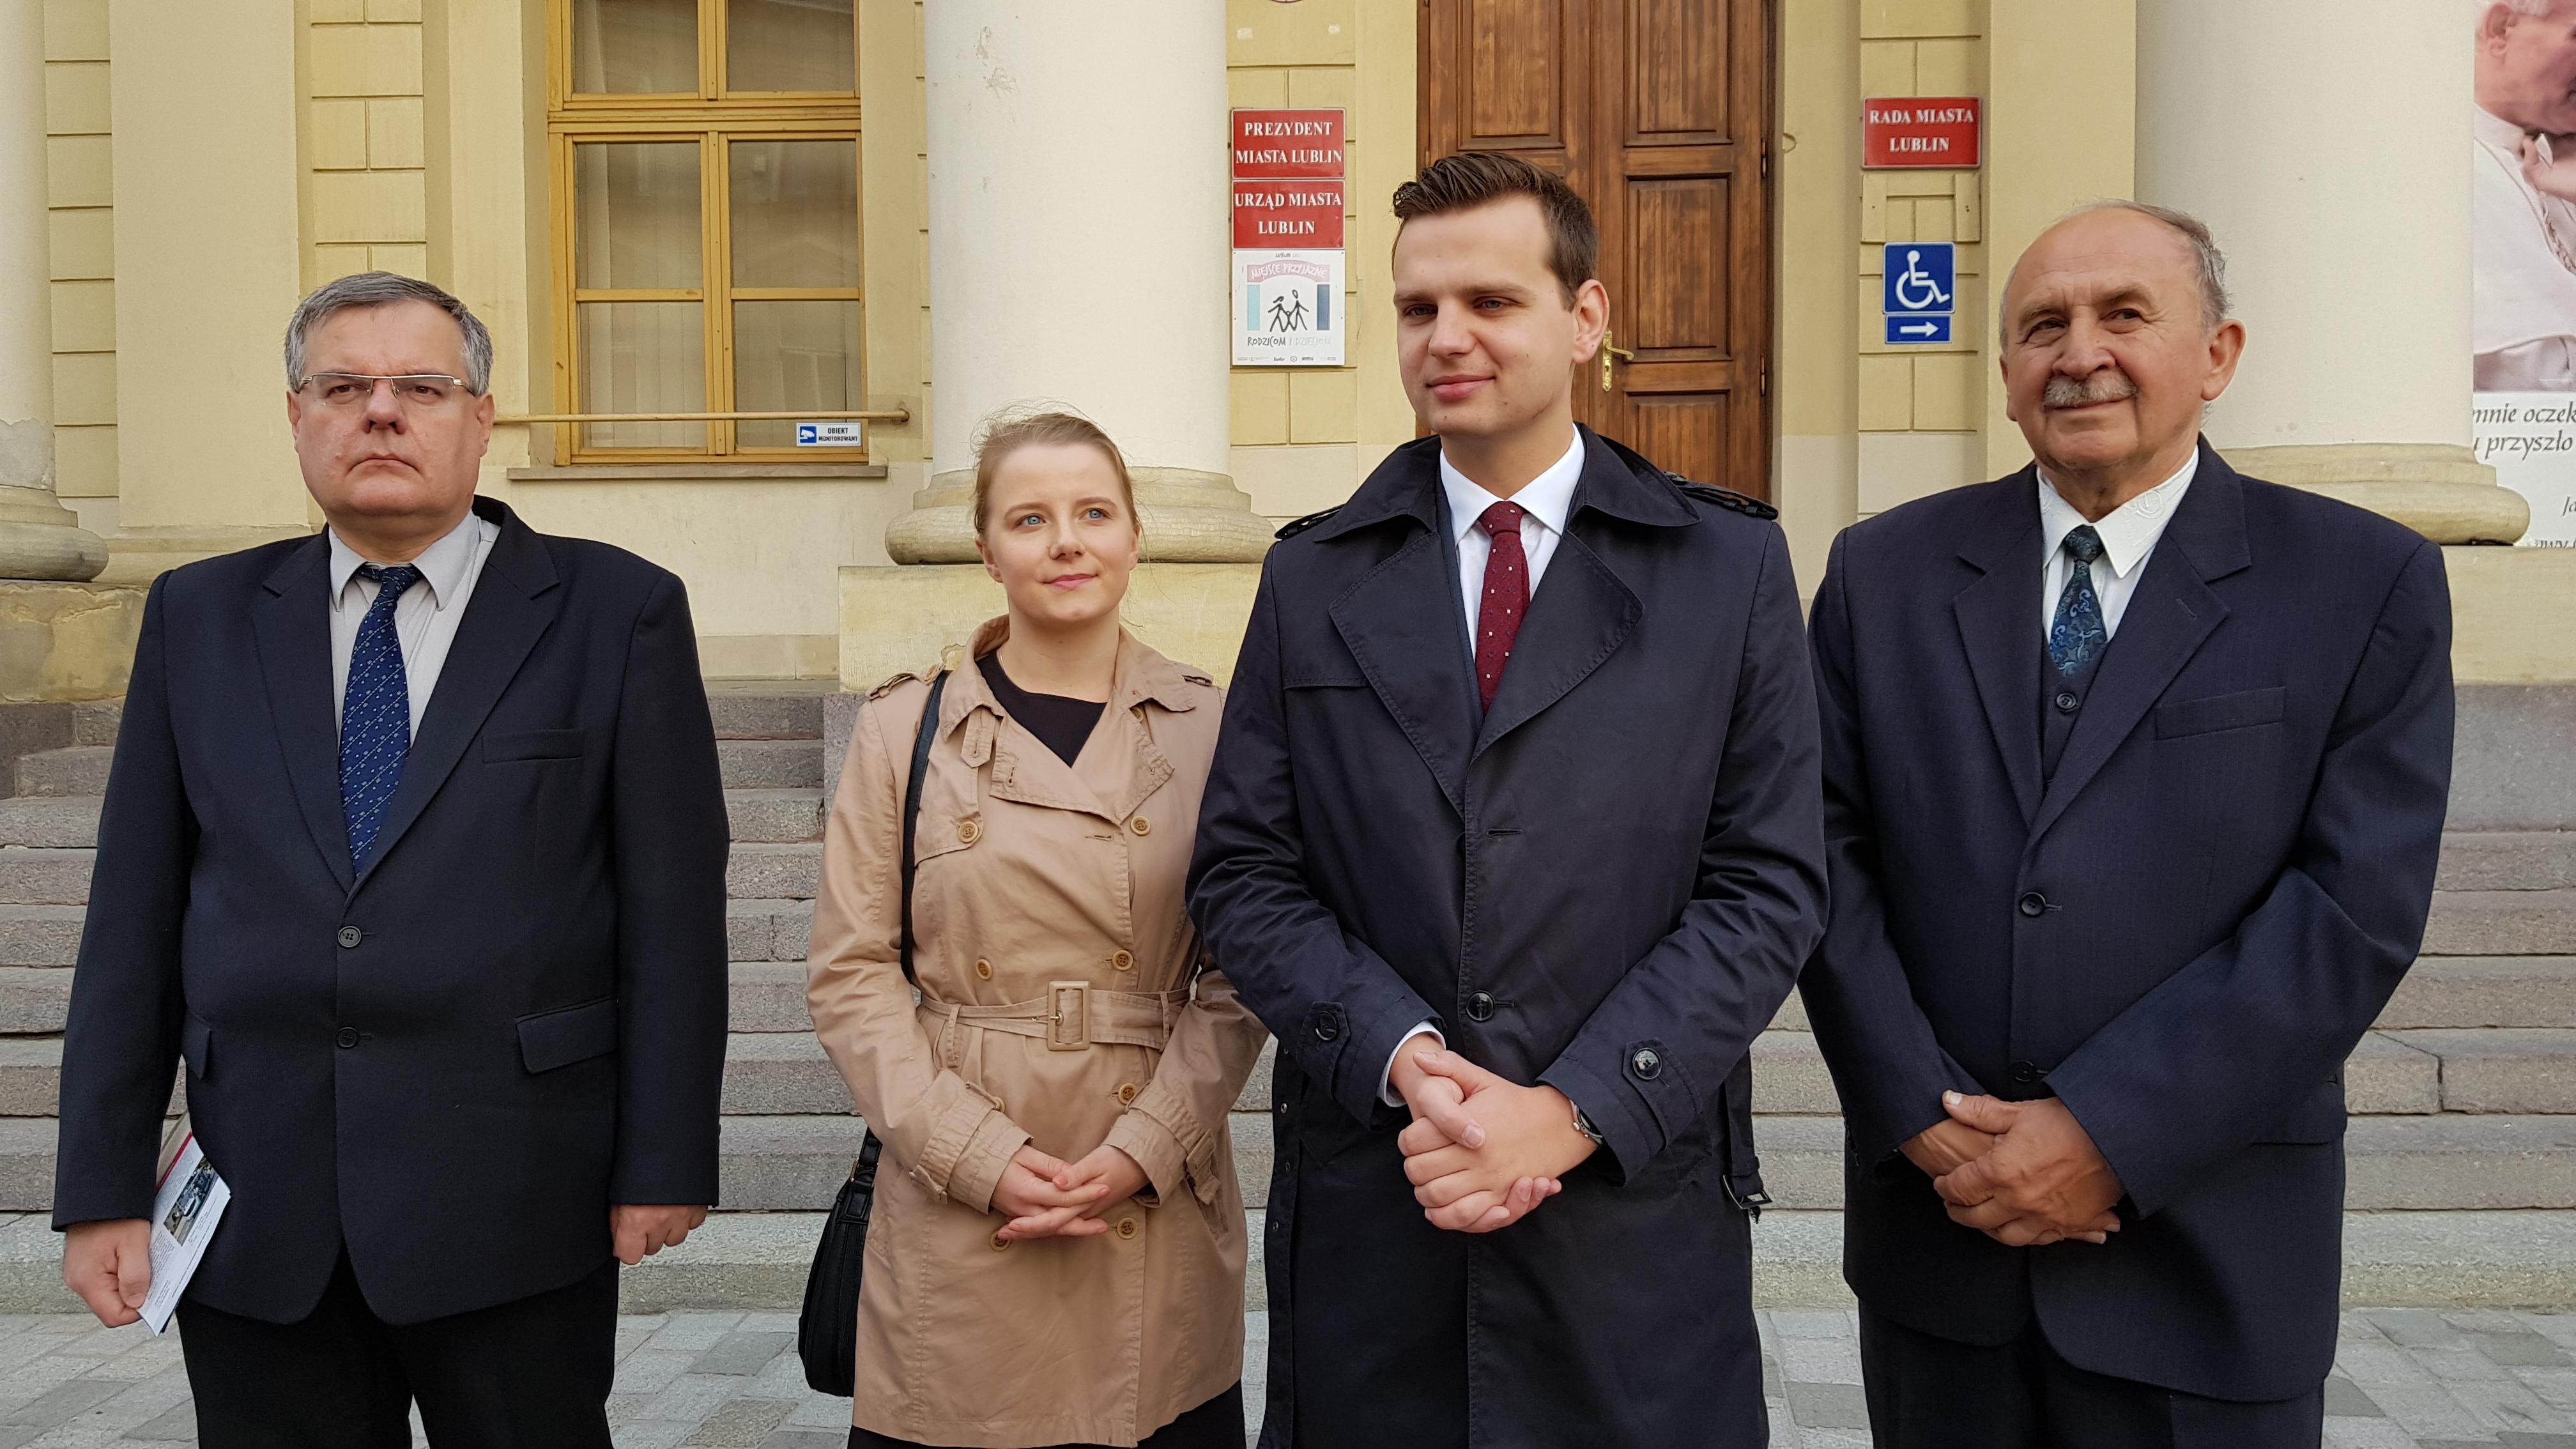 Marian Kowalski i Jakub Kulesza podsumowali swoje kampanie